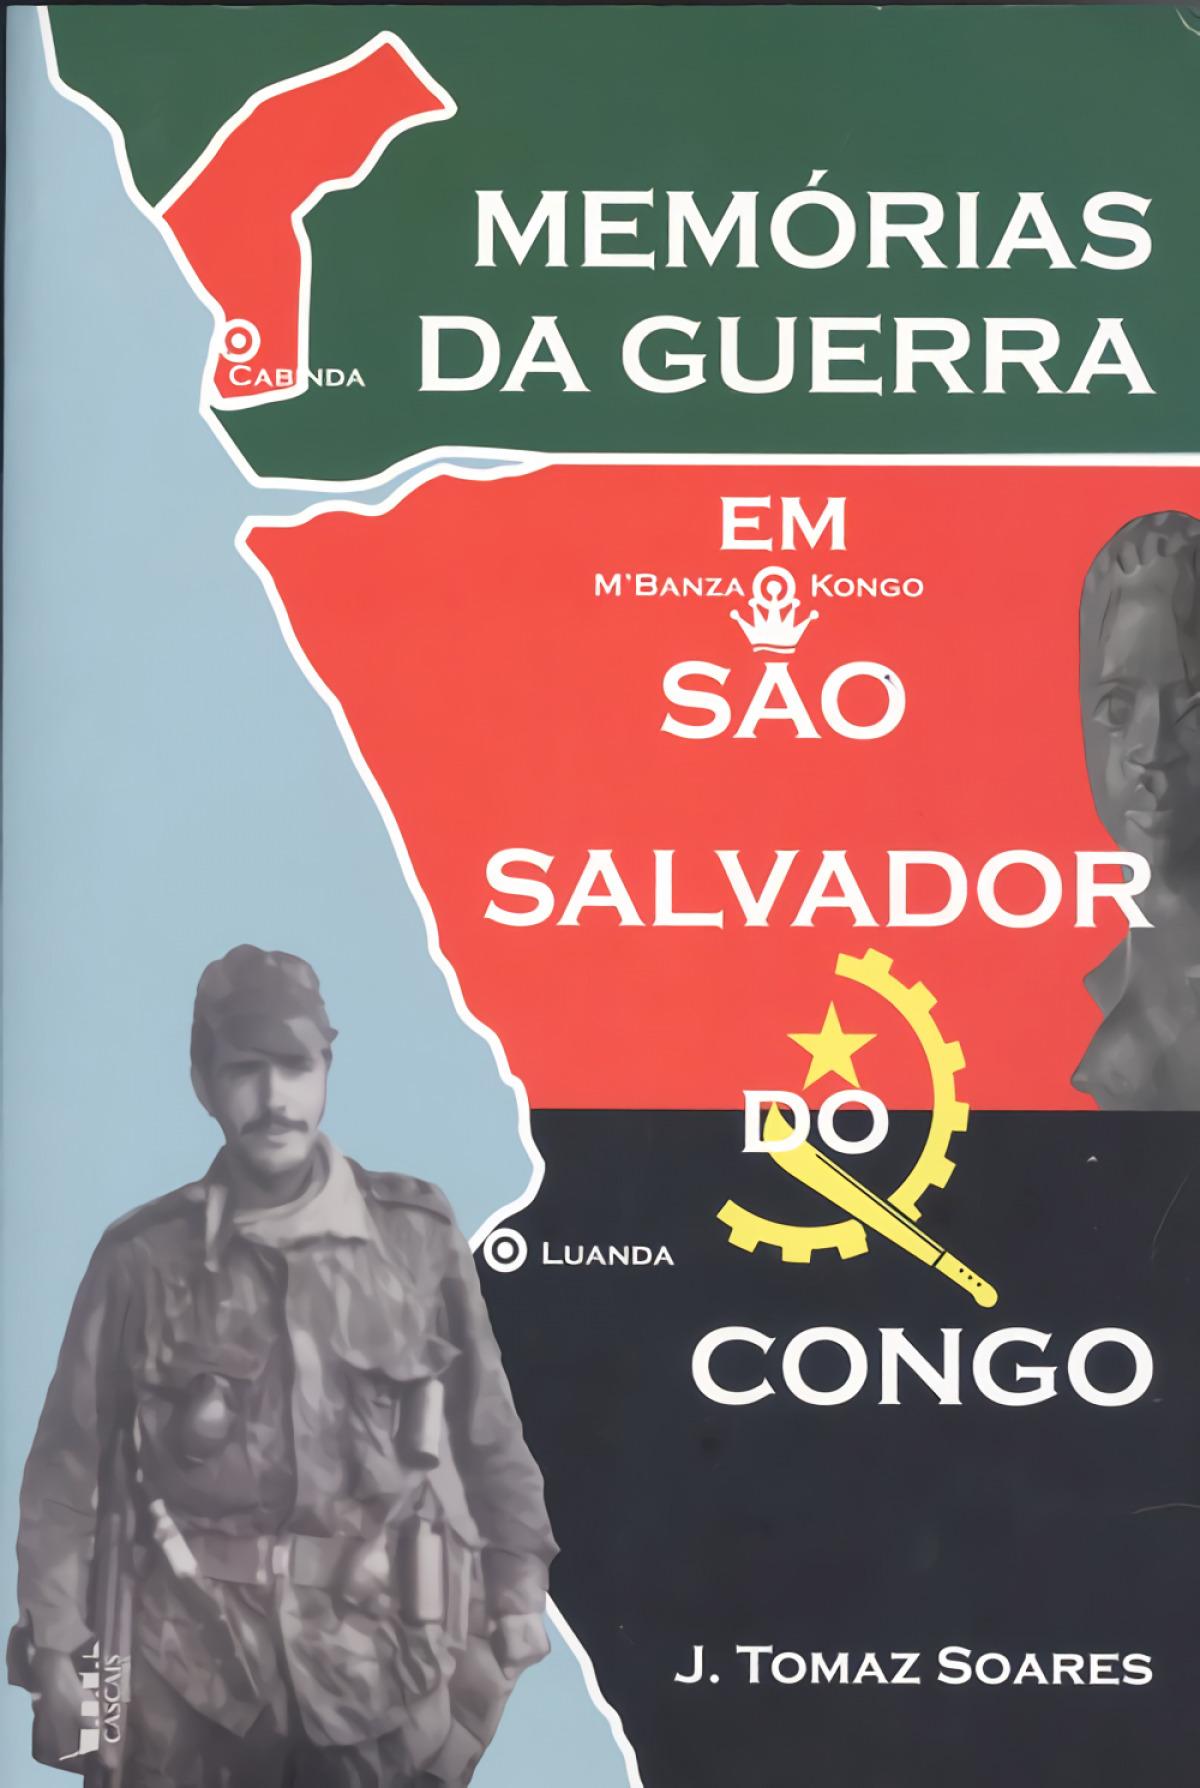 MEMORIAS DA GUERRA EM SÃO SALVADOR DO CONGO